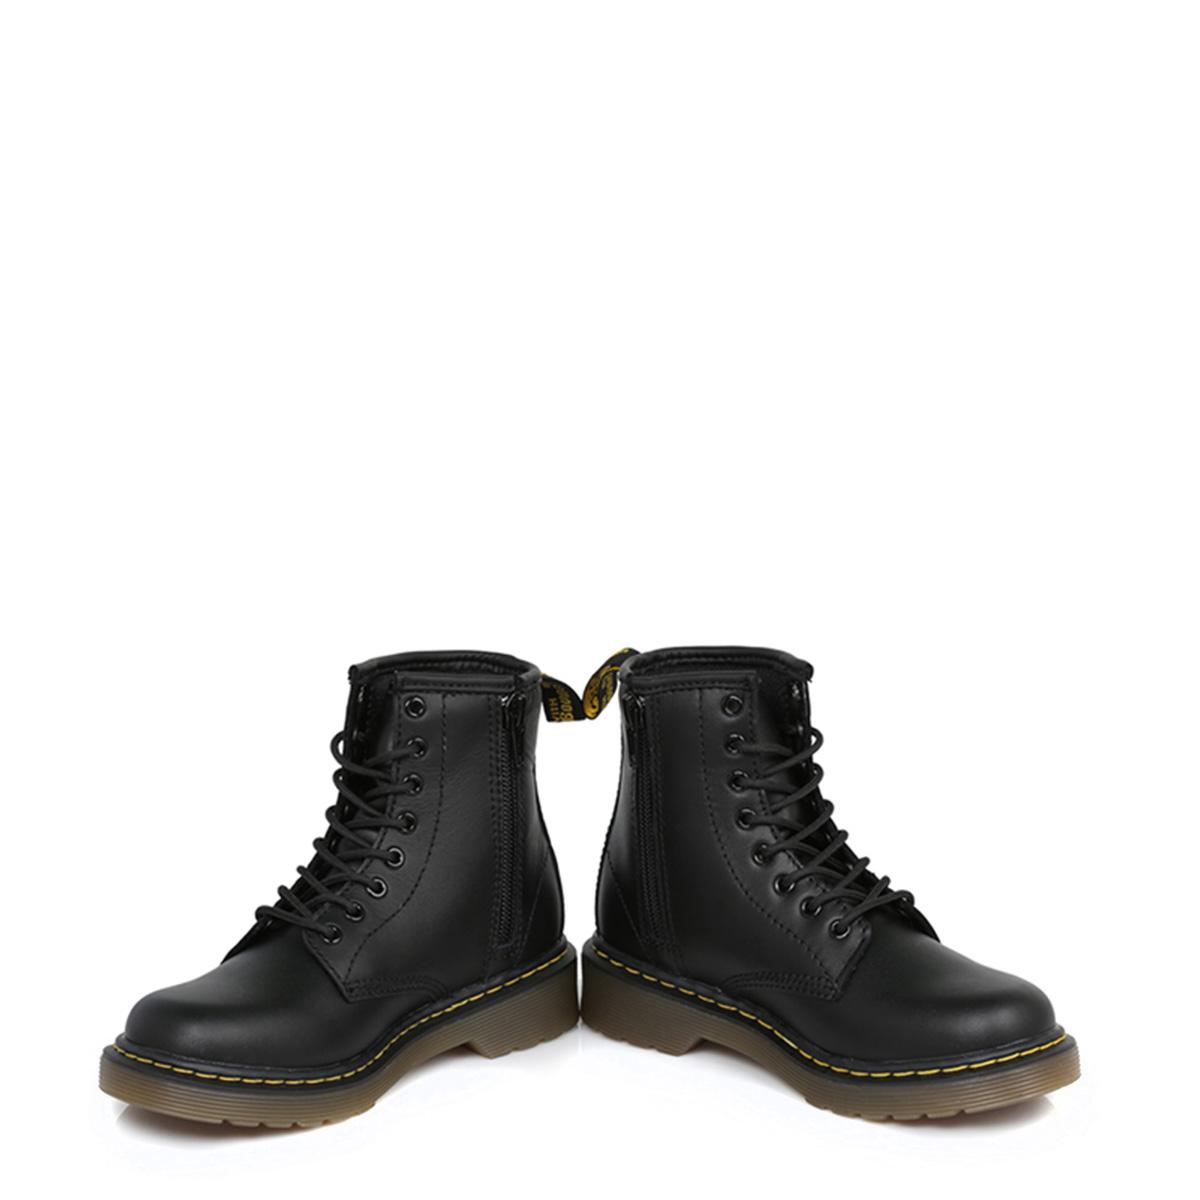 dr martens infant toddler docs boots delaney black